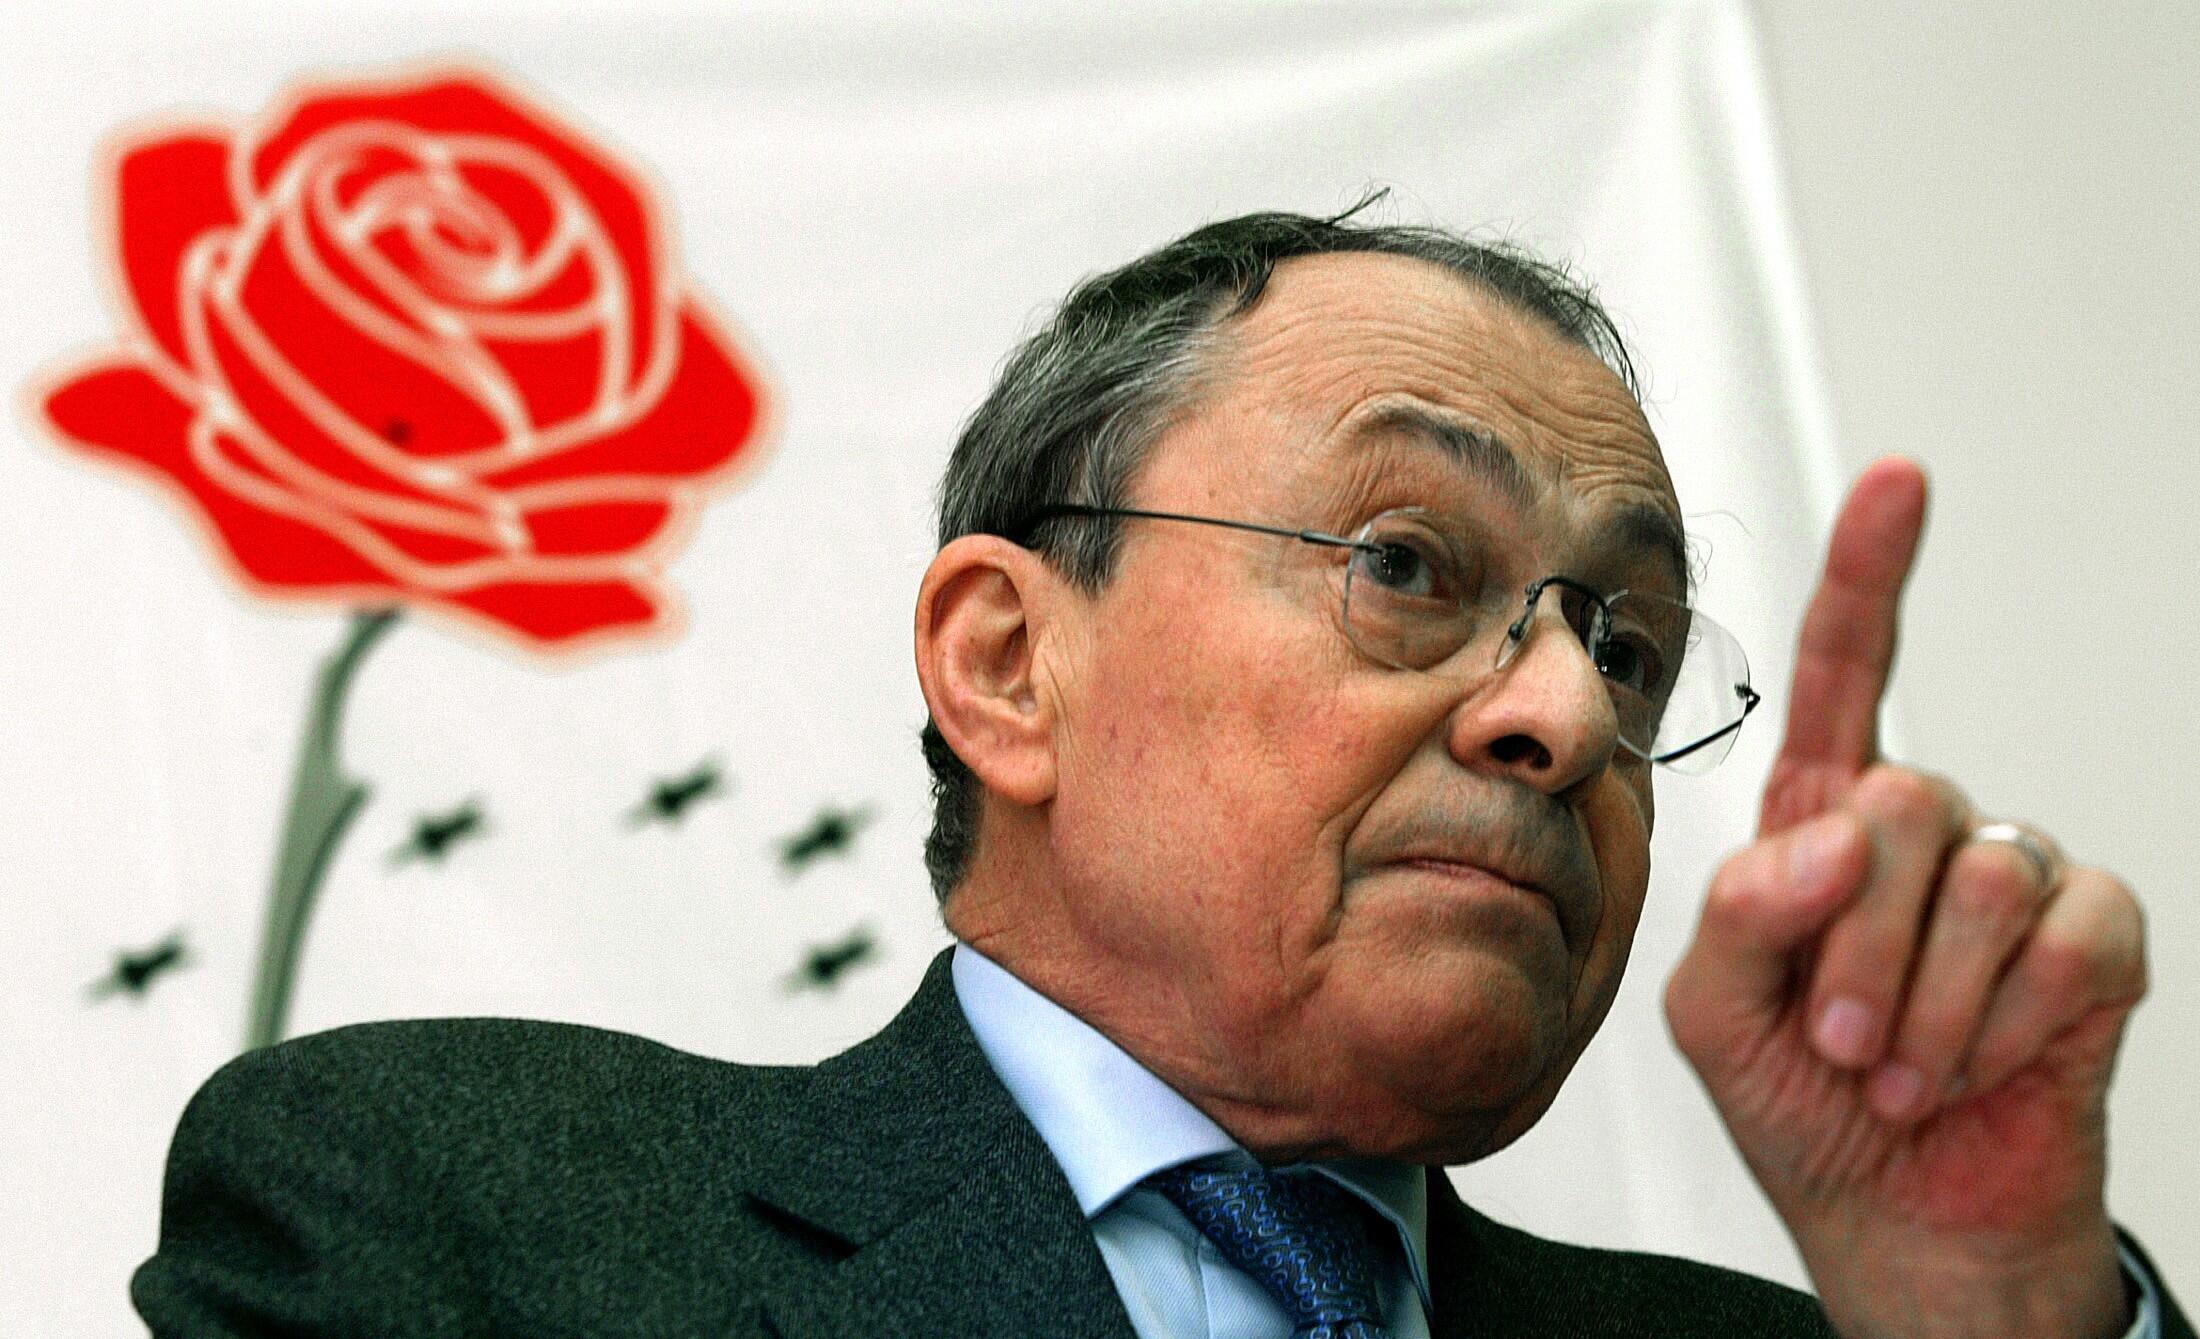 Michel Rocard, em foto de 2004. Socialista morreu aos 85 anos, em Paris.